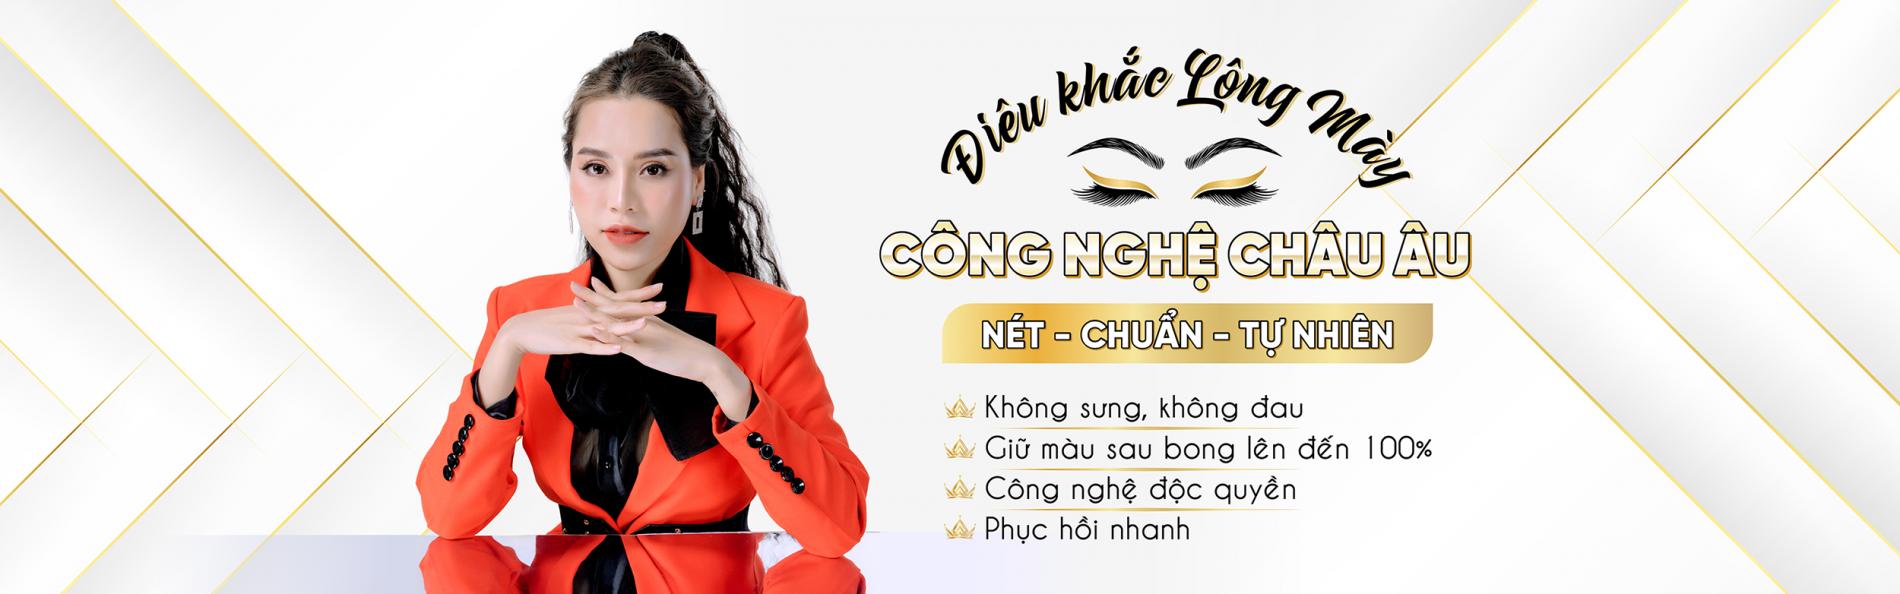 Địa chỉ thẩm mỹ uy tín tại Nam Định